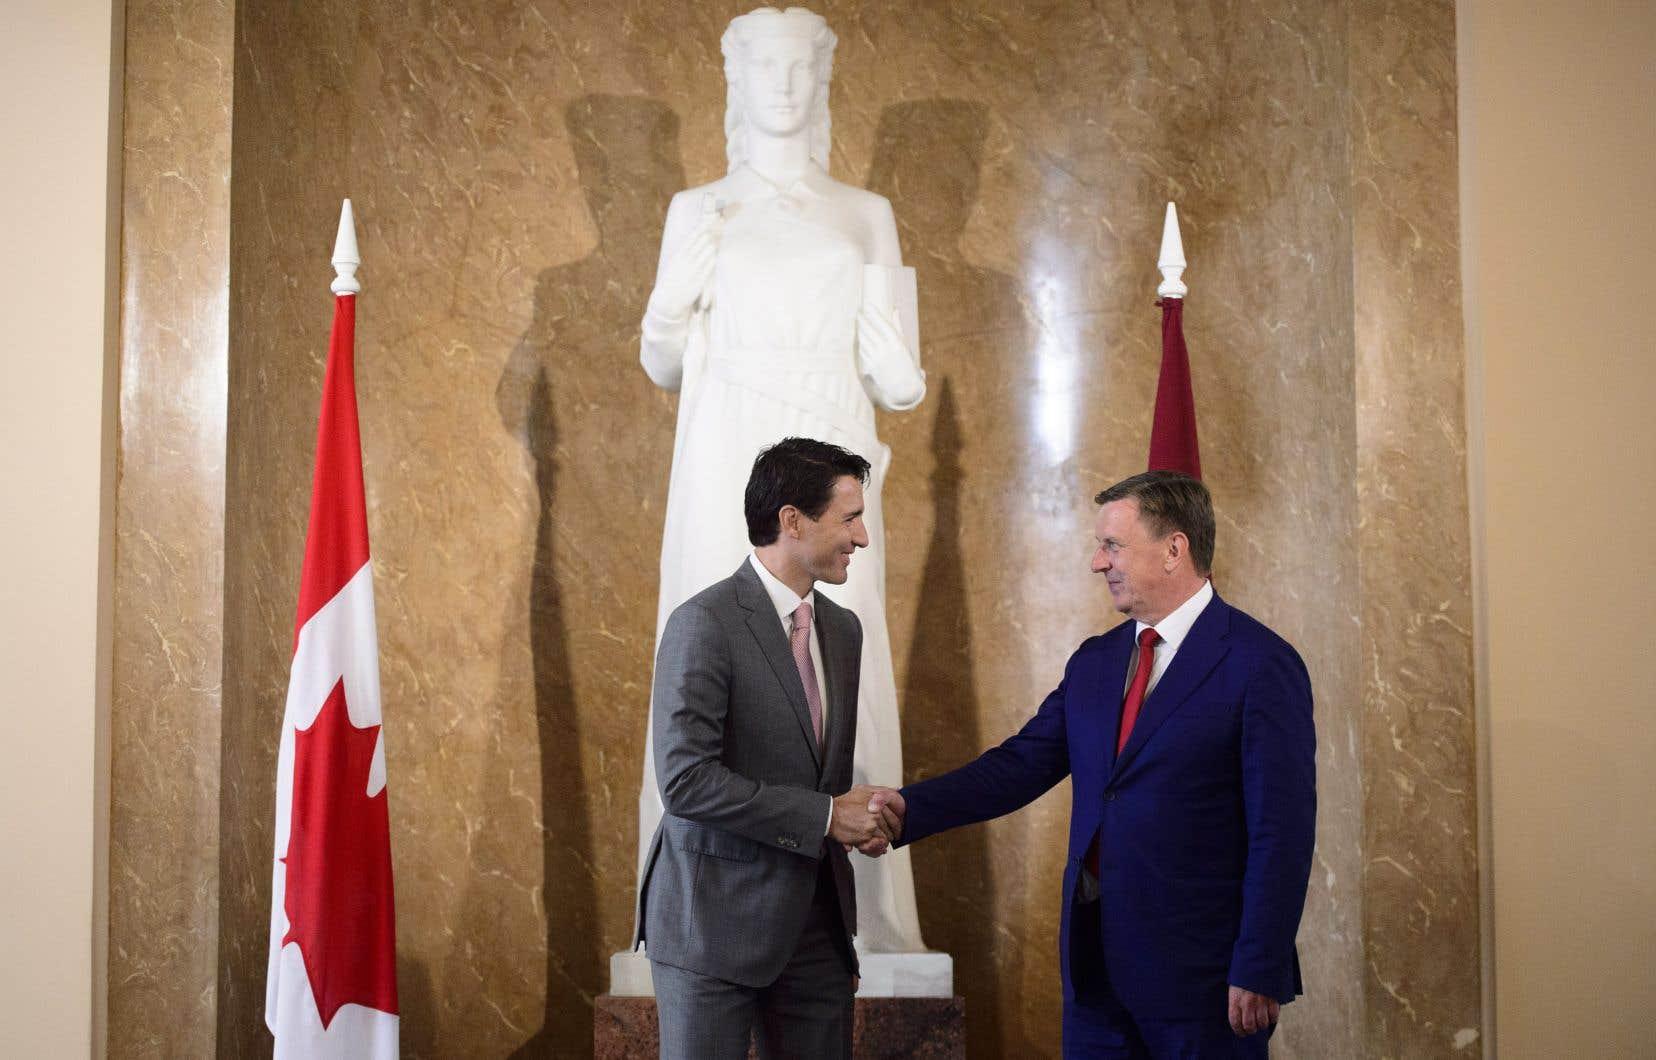 Le premier ministre Trudeau a fait ces annonces mardi à Riga après sa rencontre avec son homologue letton Maris Kucinskis.